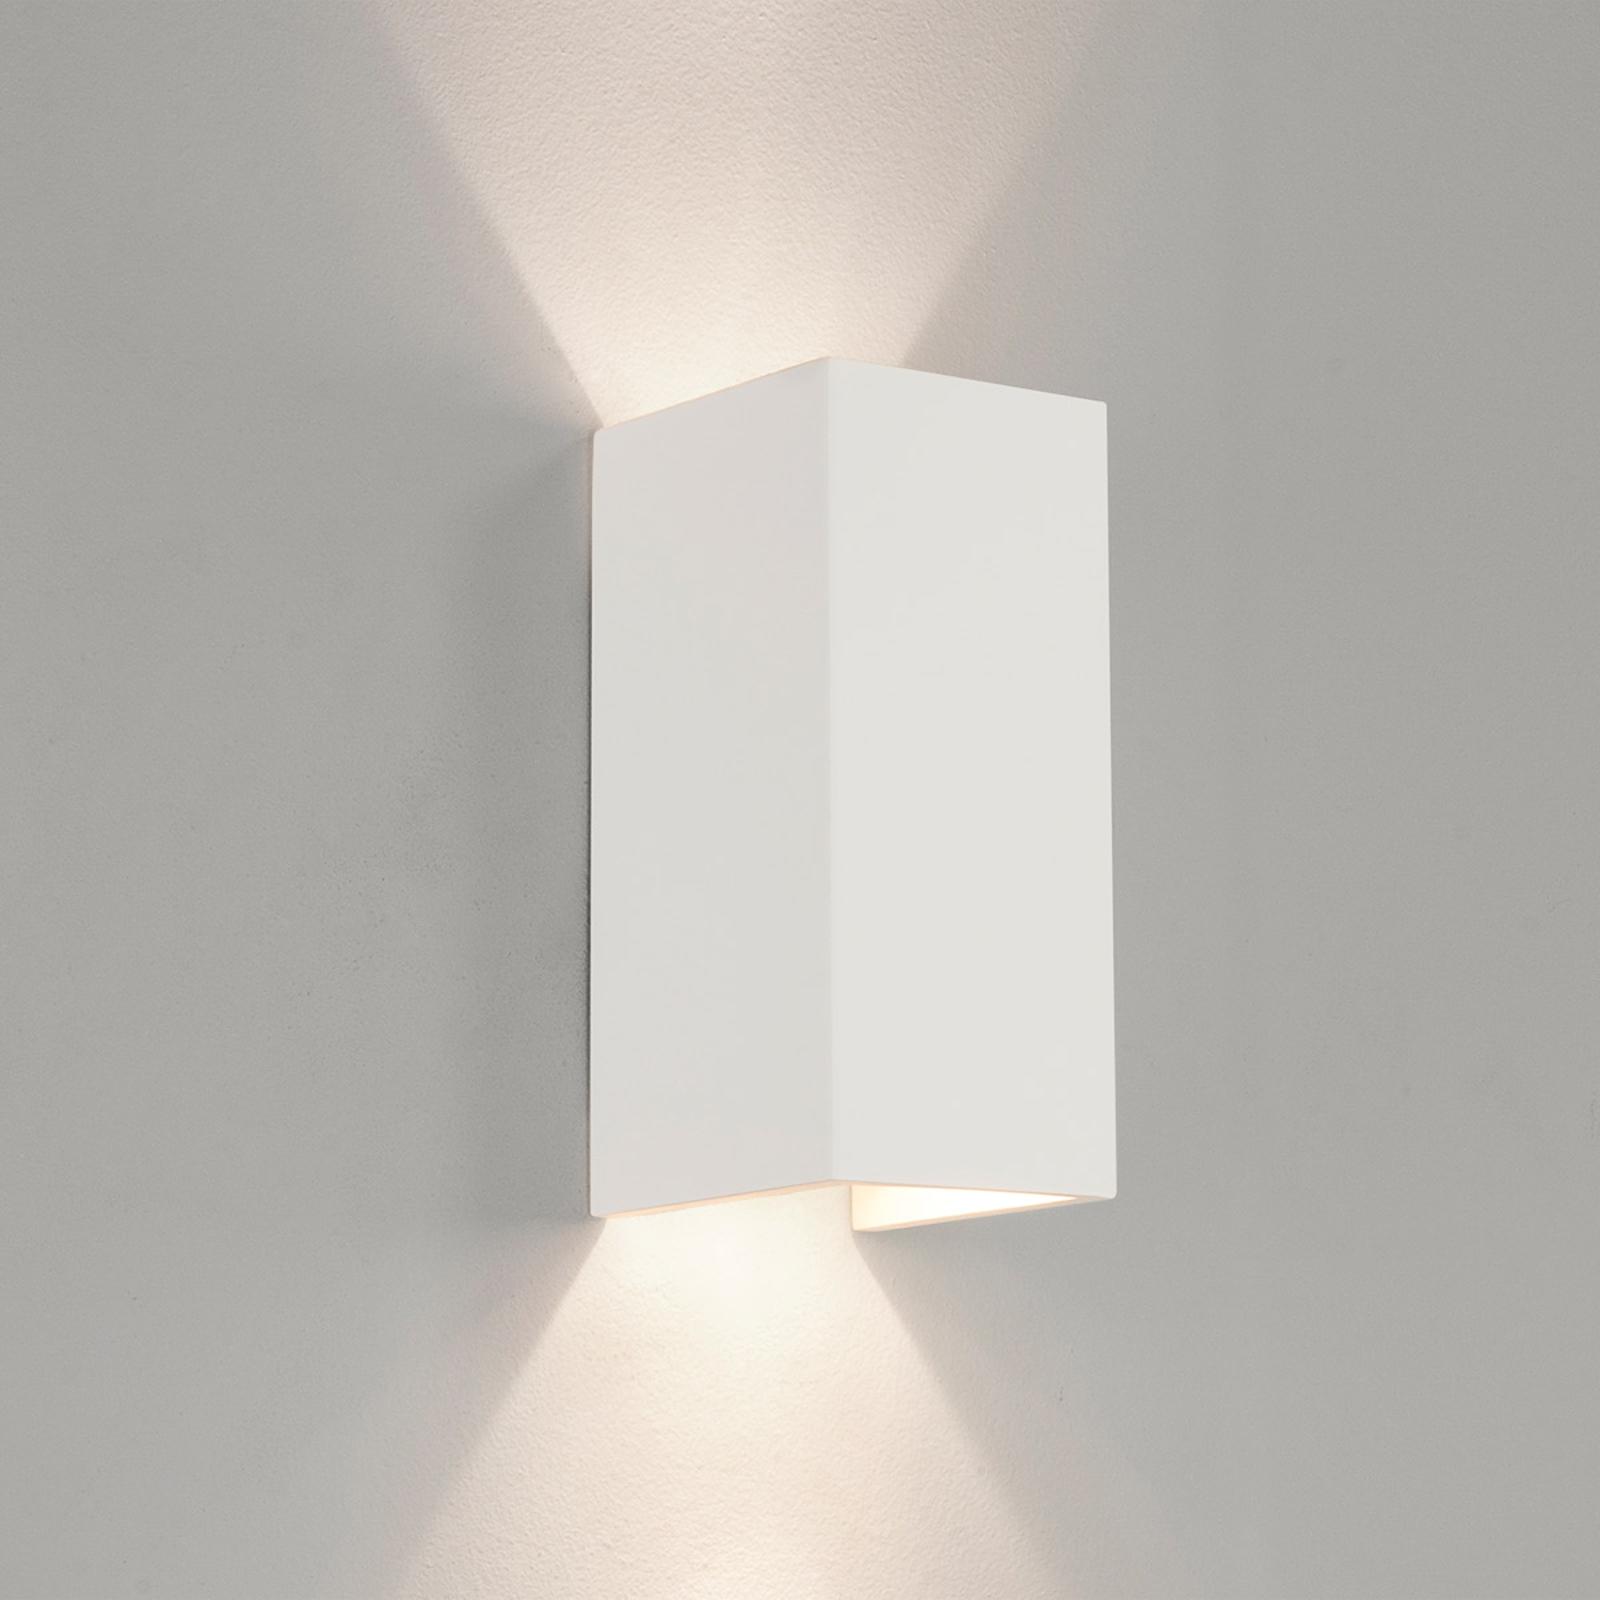 Astro Parma 210 væglampe i hvid